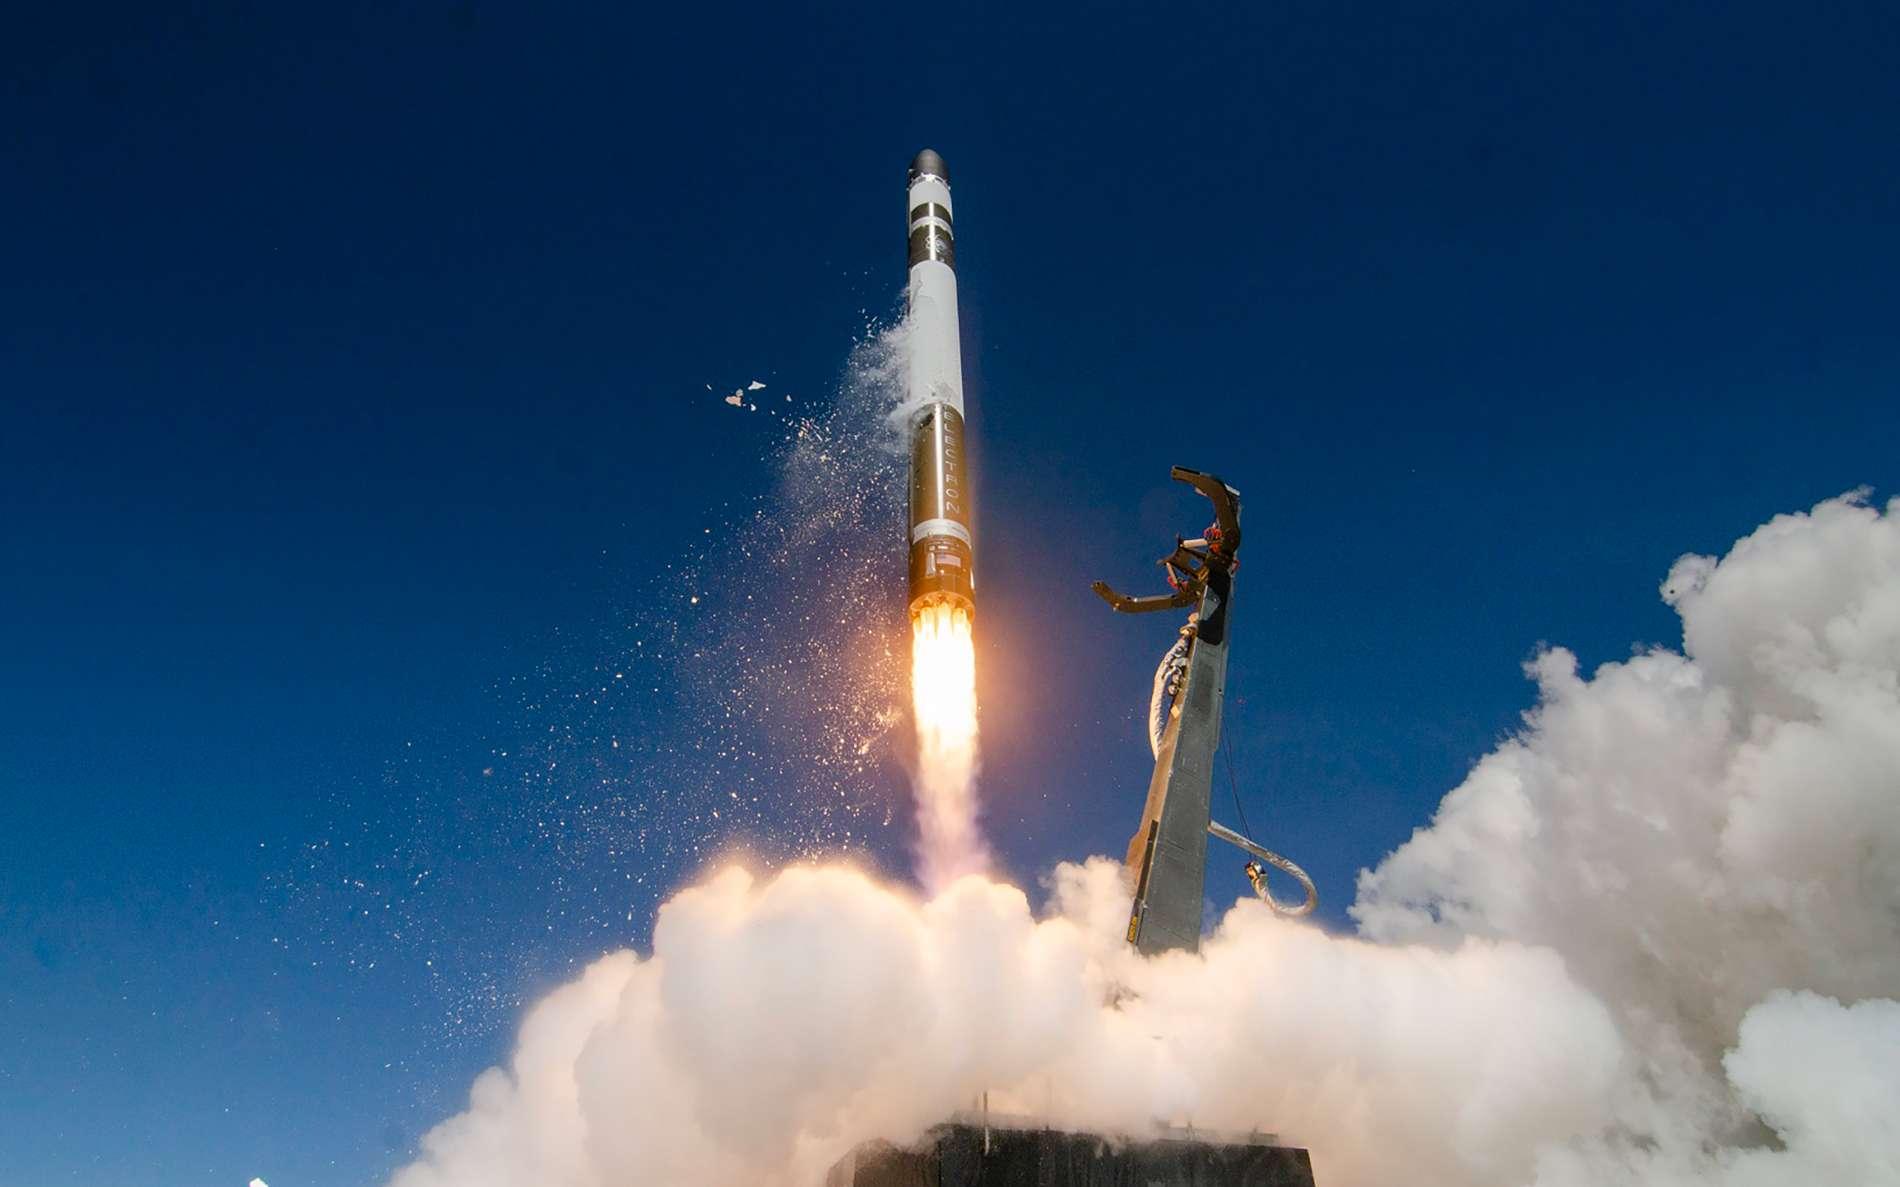 Décollage d'un lanceur Electron de Rocket Lab. © Sam Toms and Simon Moffatt